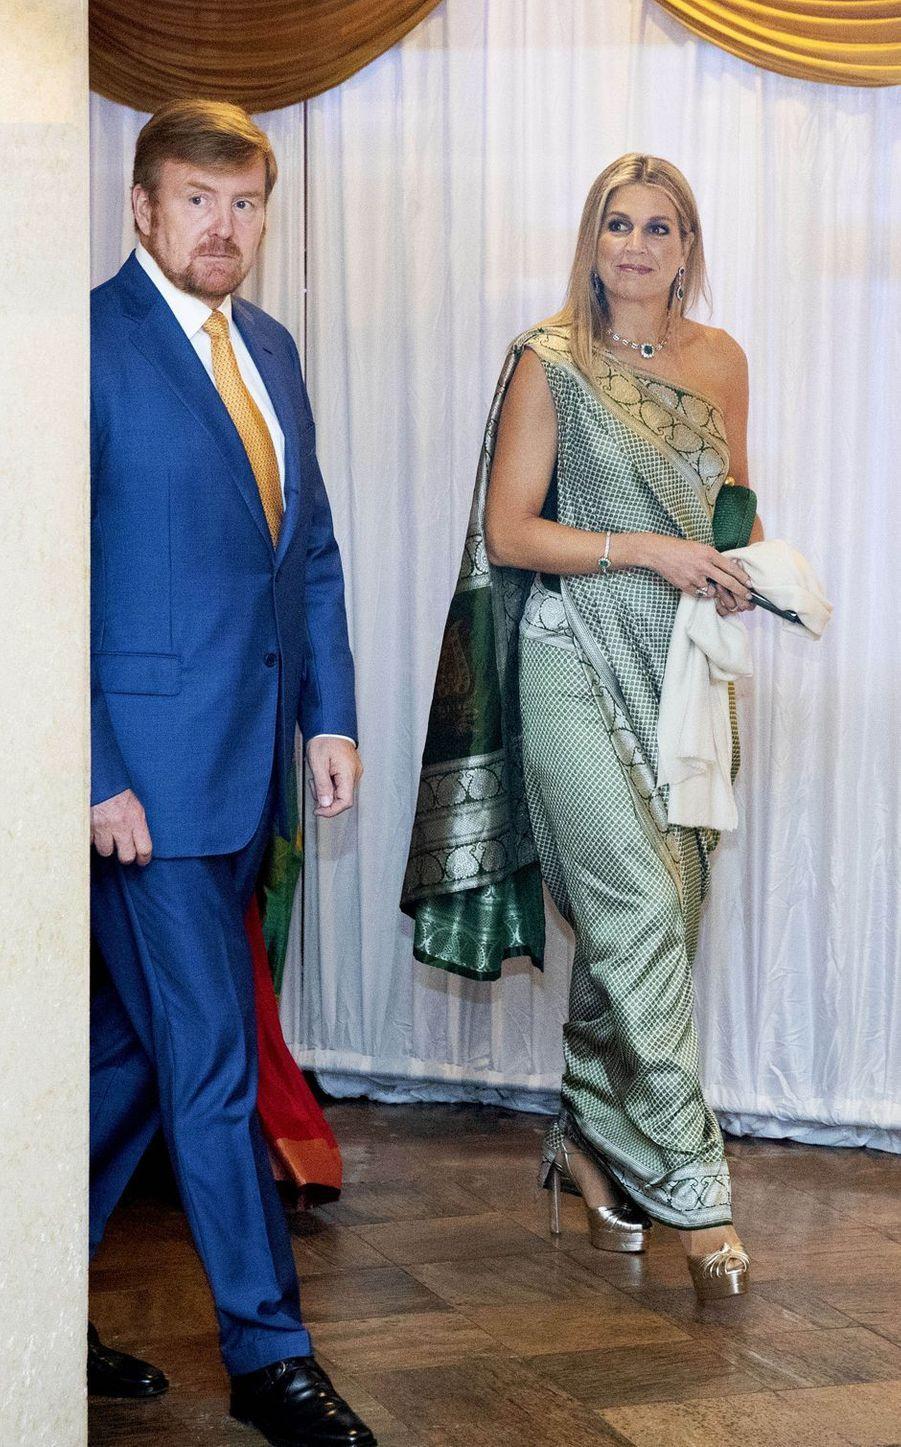 La reine Maxima et le roi Willem-Alexander des Pays-Bas à Kochi, le 17 octobre 2019